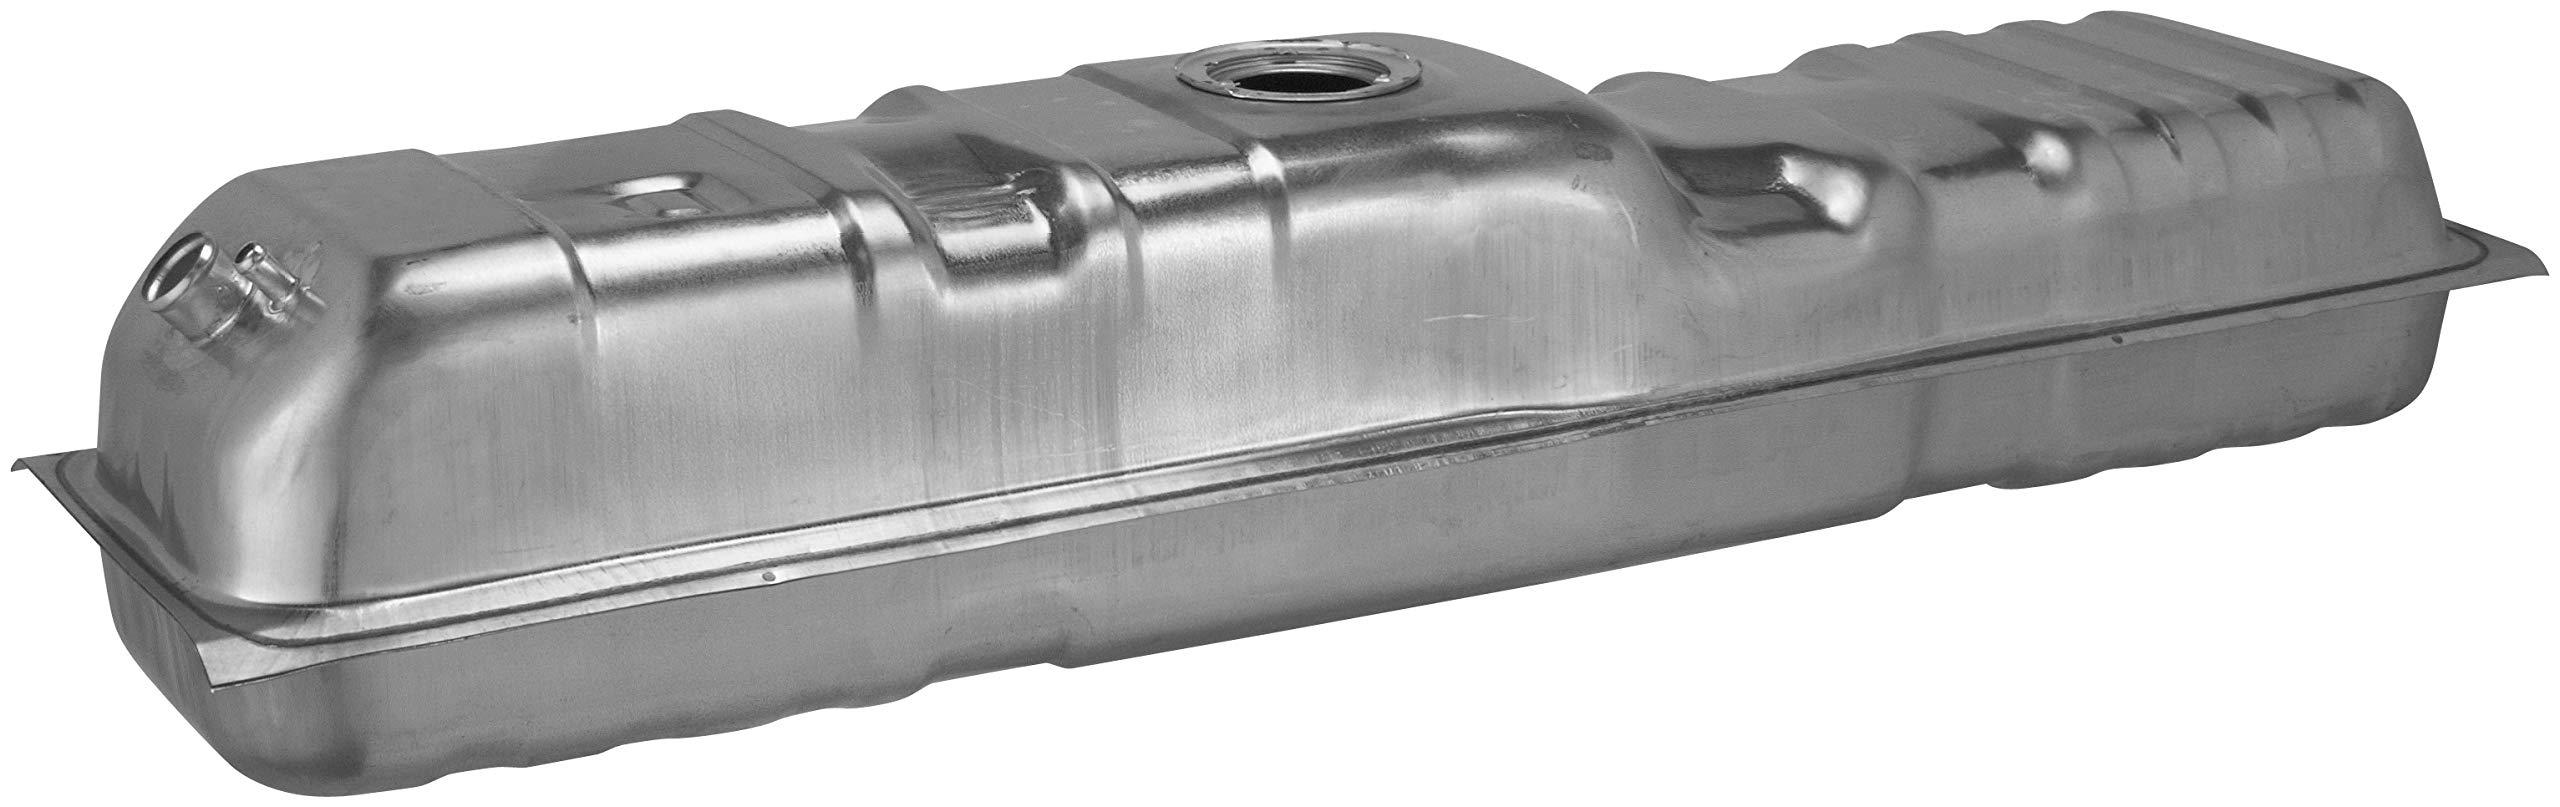 Spectra Premium GM1B Fuel Tank for General Motors